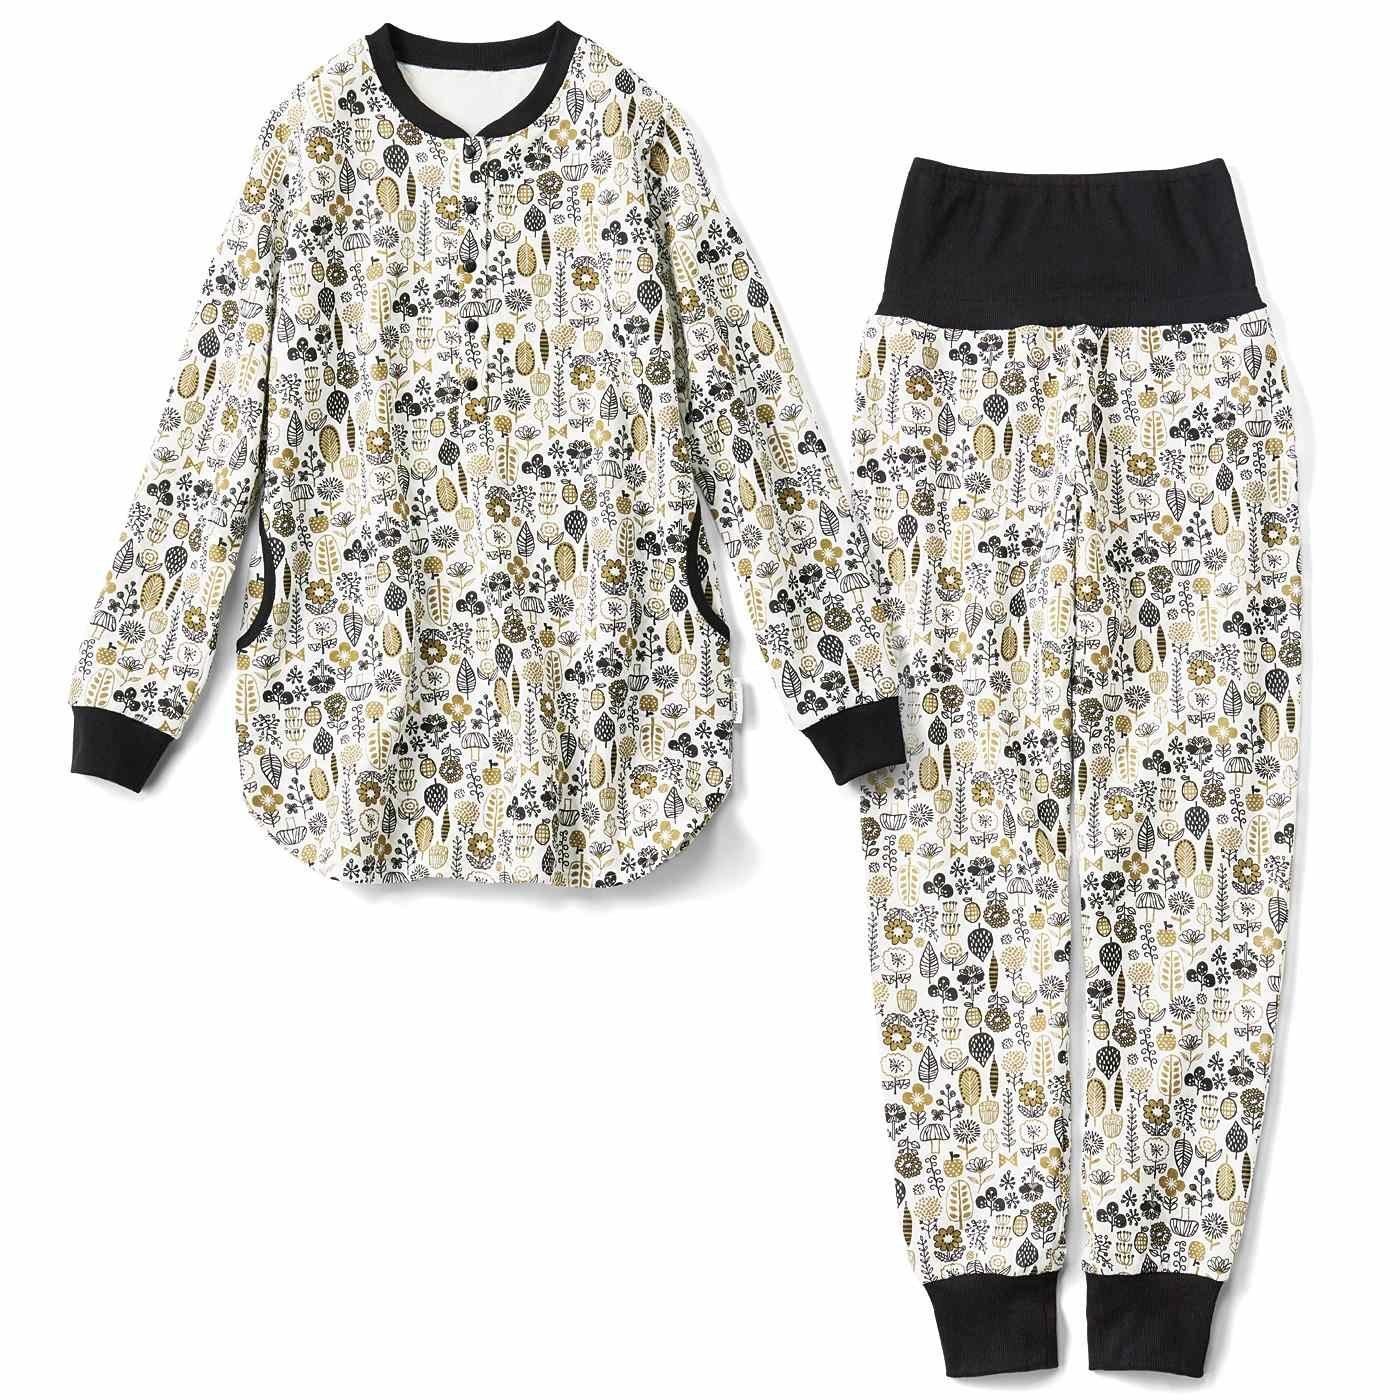 リブ イン コンフォート コットンのやさしい肌ざわり ボタニカル柄キルティングパジャマ